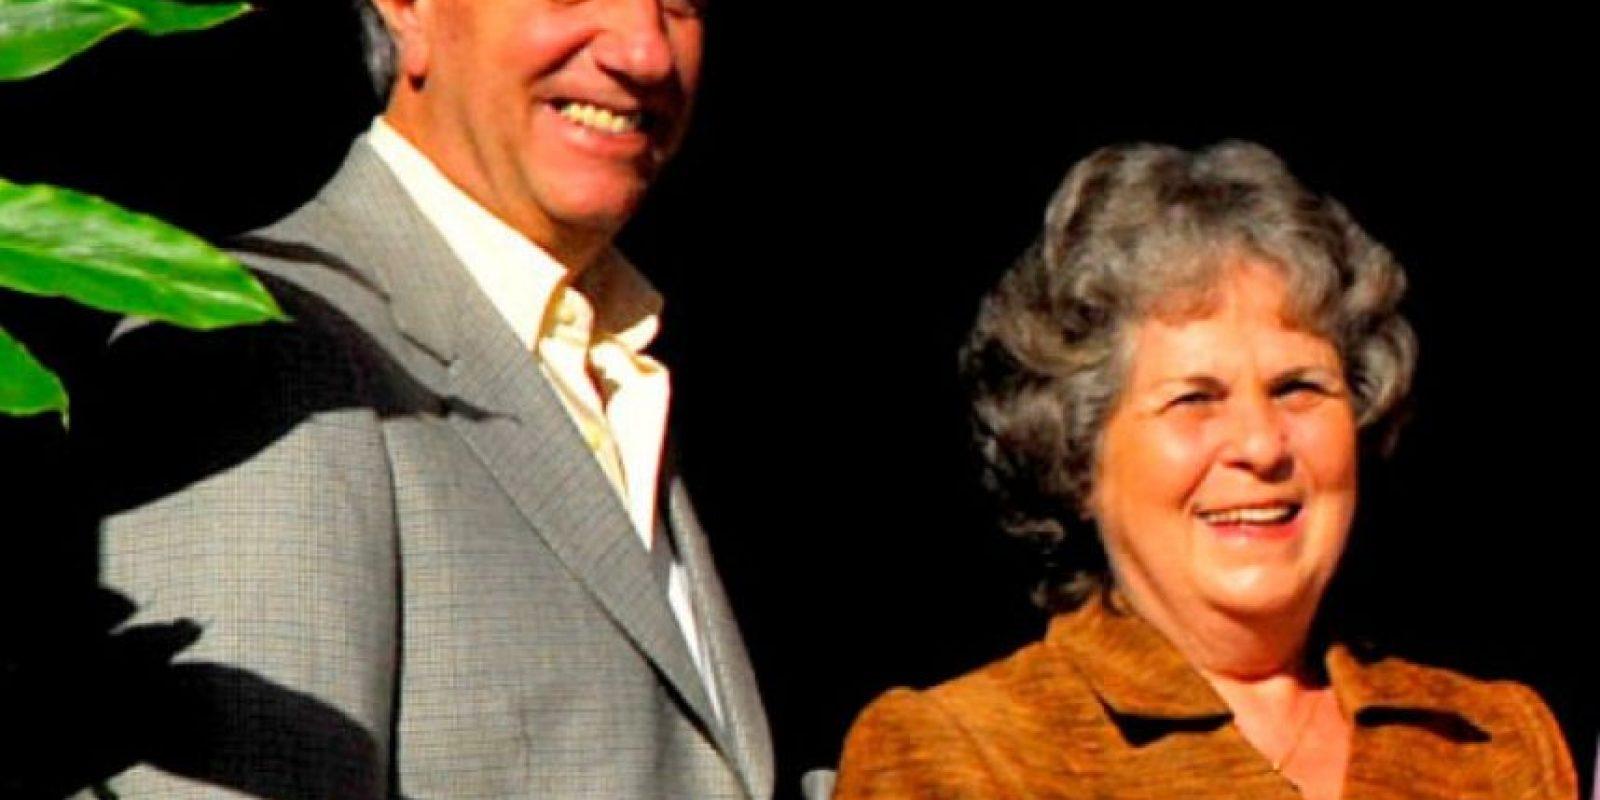 uruguay: Tabaré Ramón Vázquez Rosas y María Auxiliadora Delgado Foto:Wikipedia Commons